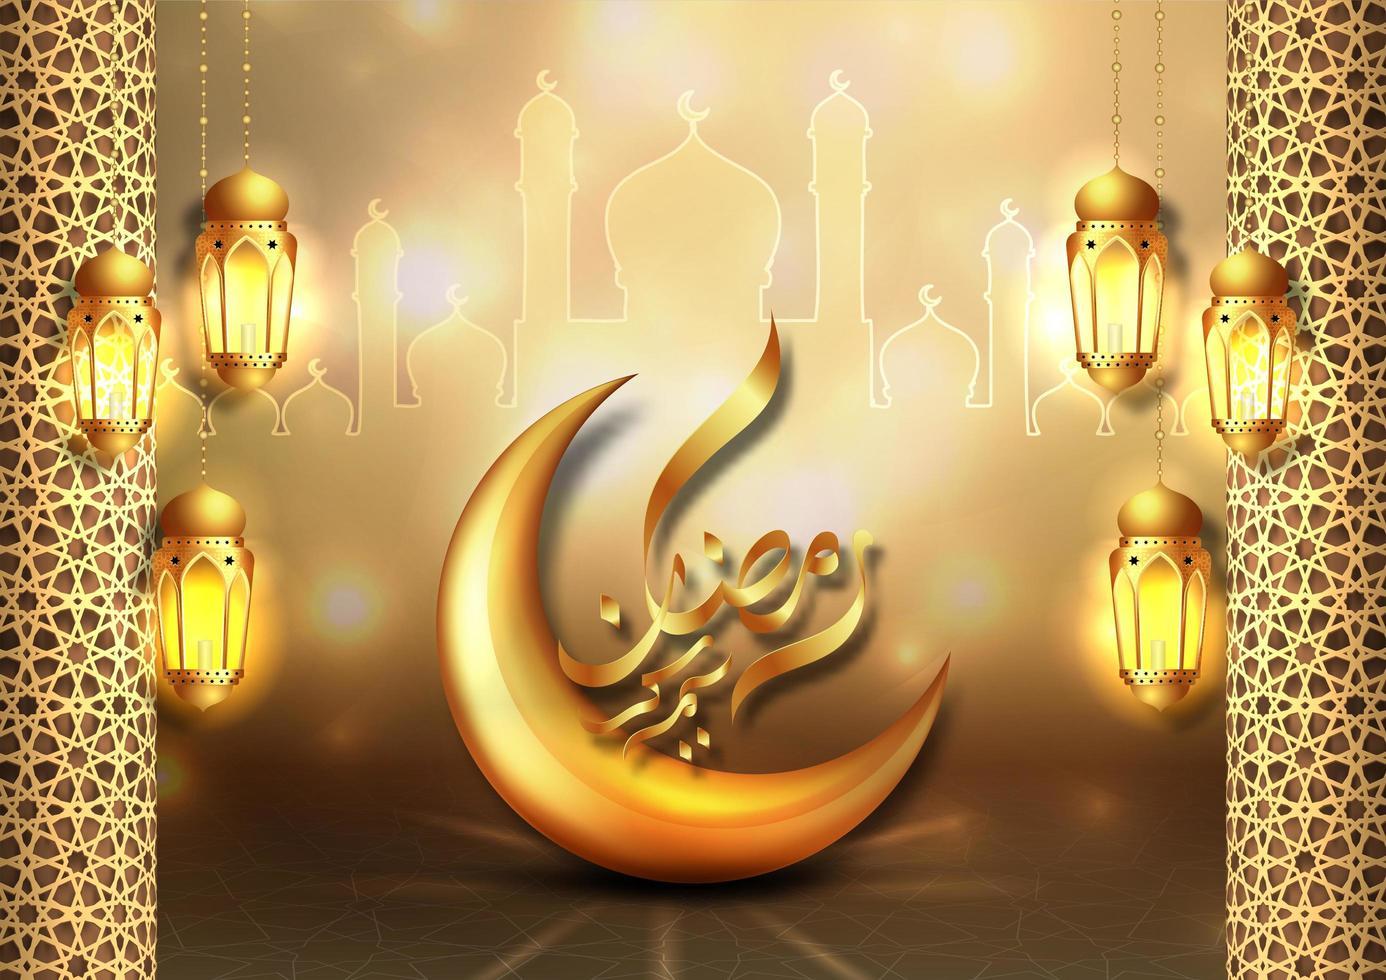 gouden maan ramadan kareem wenskaart ontwerp vector